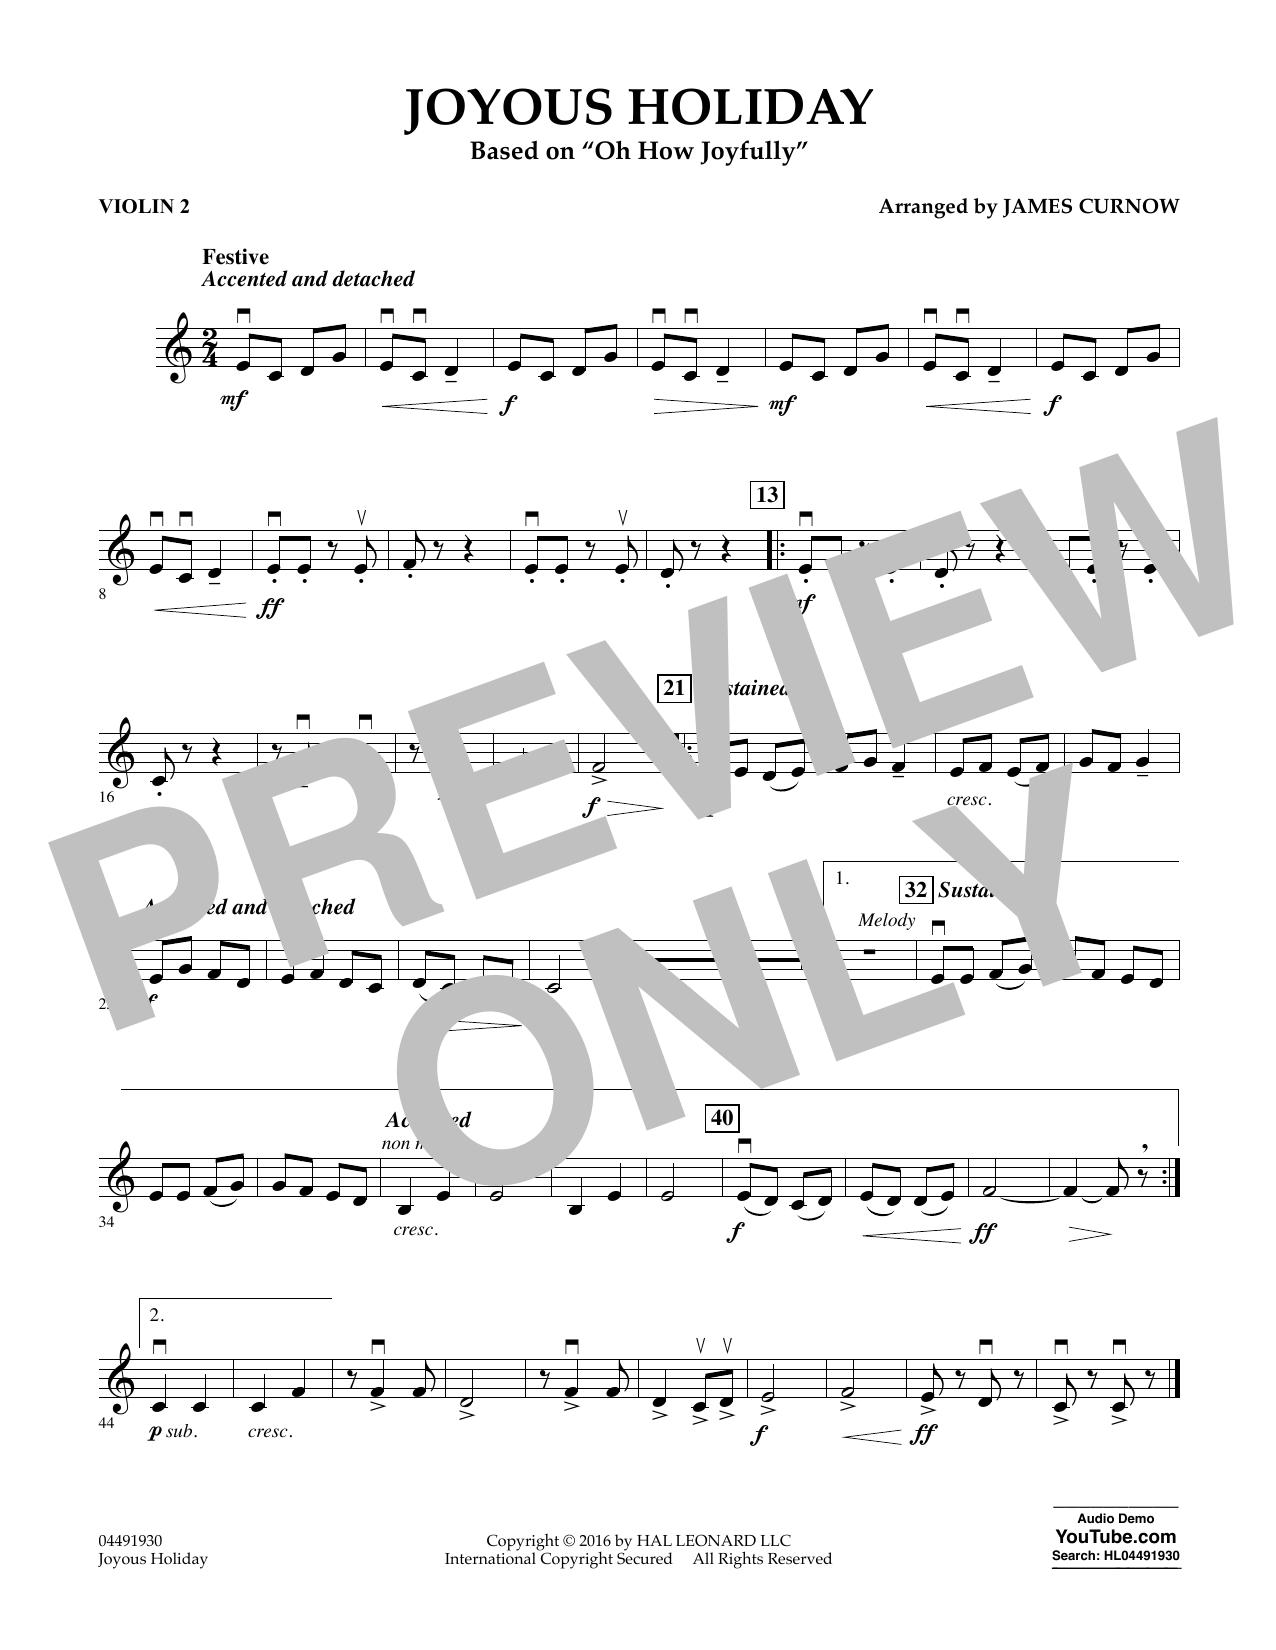 Joyous Holiday (based on Oh How Joyfully) - Violin 2 Sheet Music